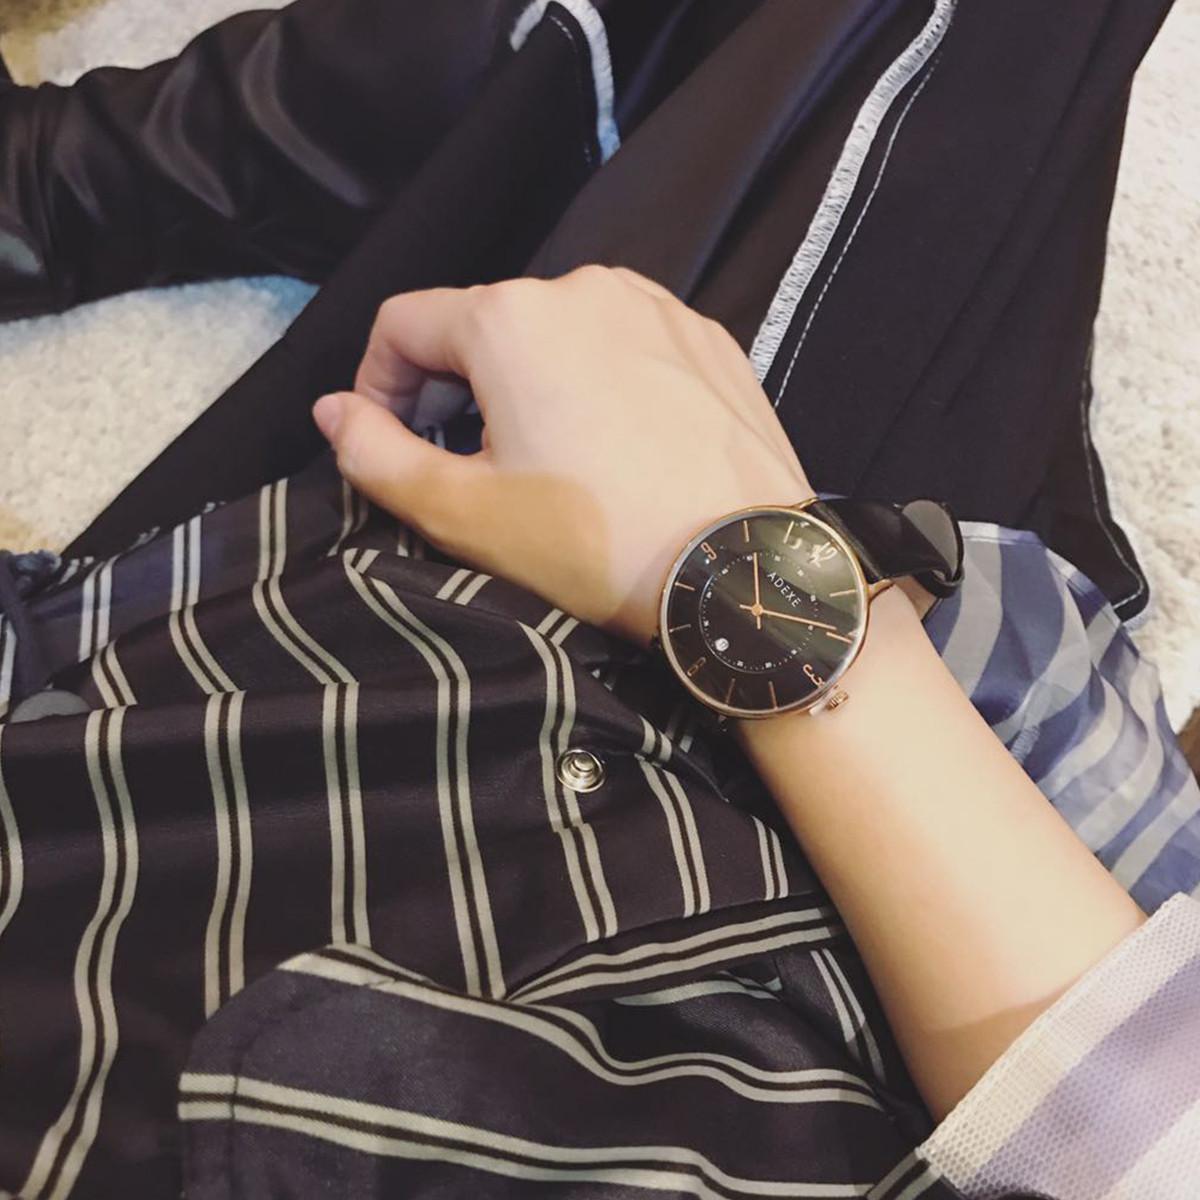 ADEXE【唯品自营】ADEXE英国防水石英dw-ck男士手表男表1890A-05